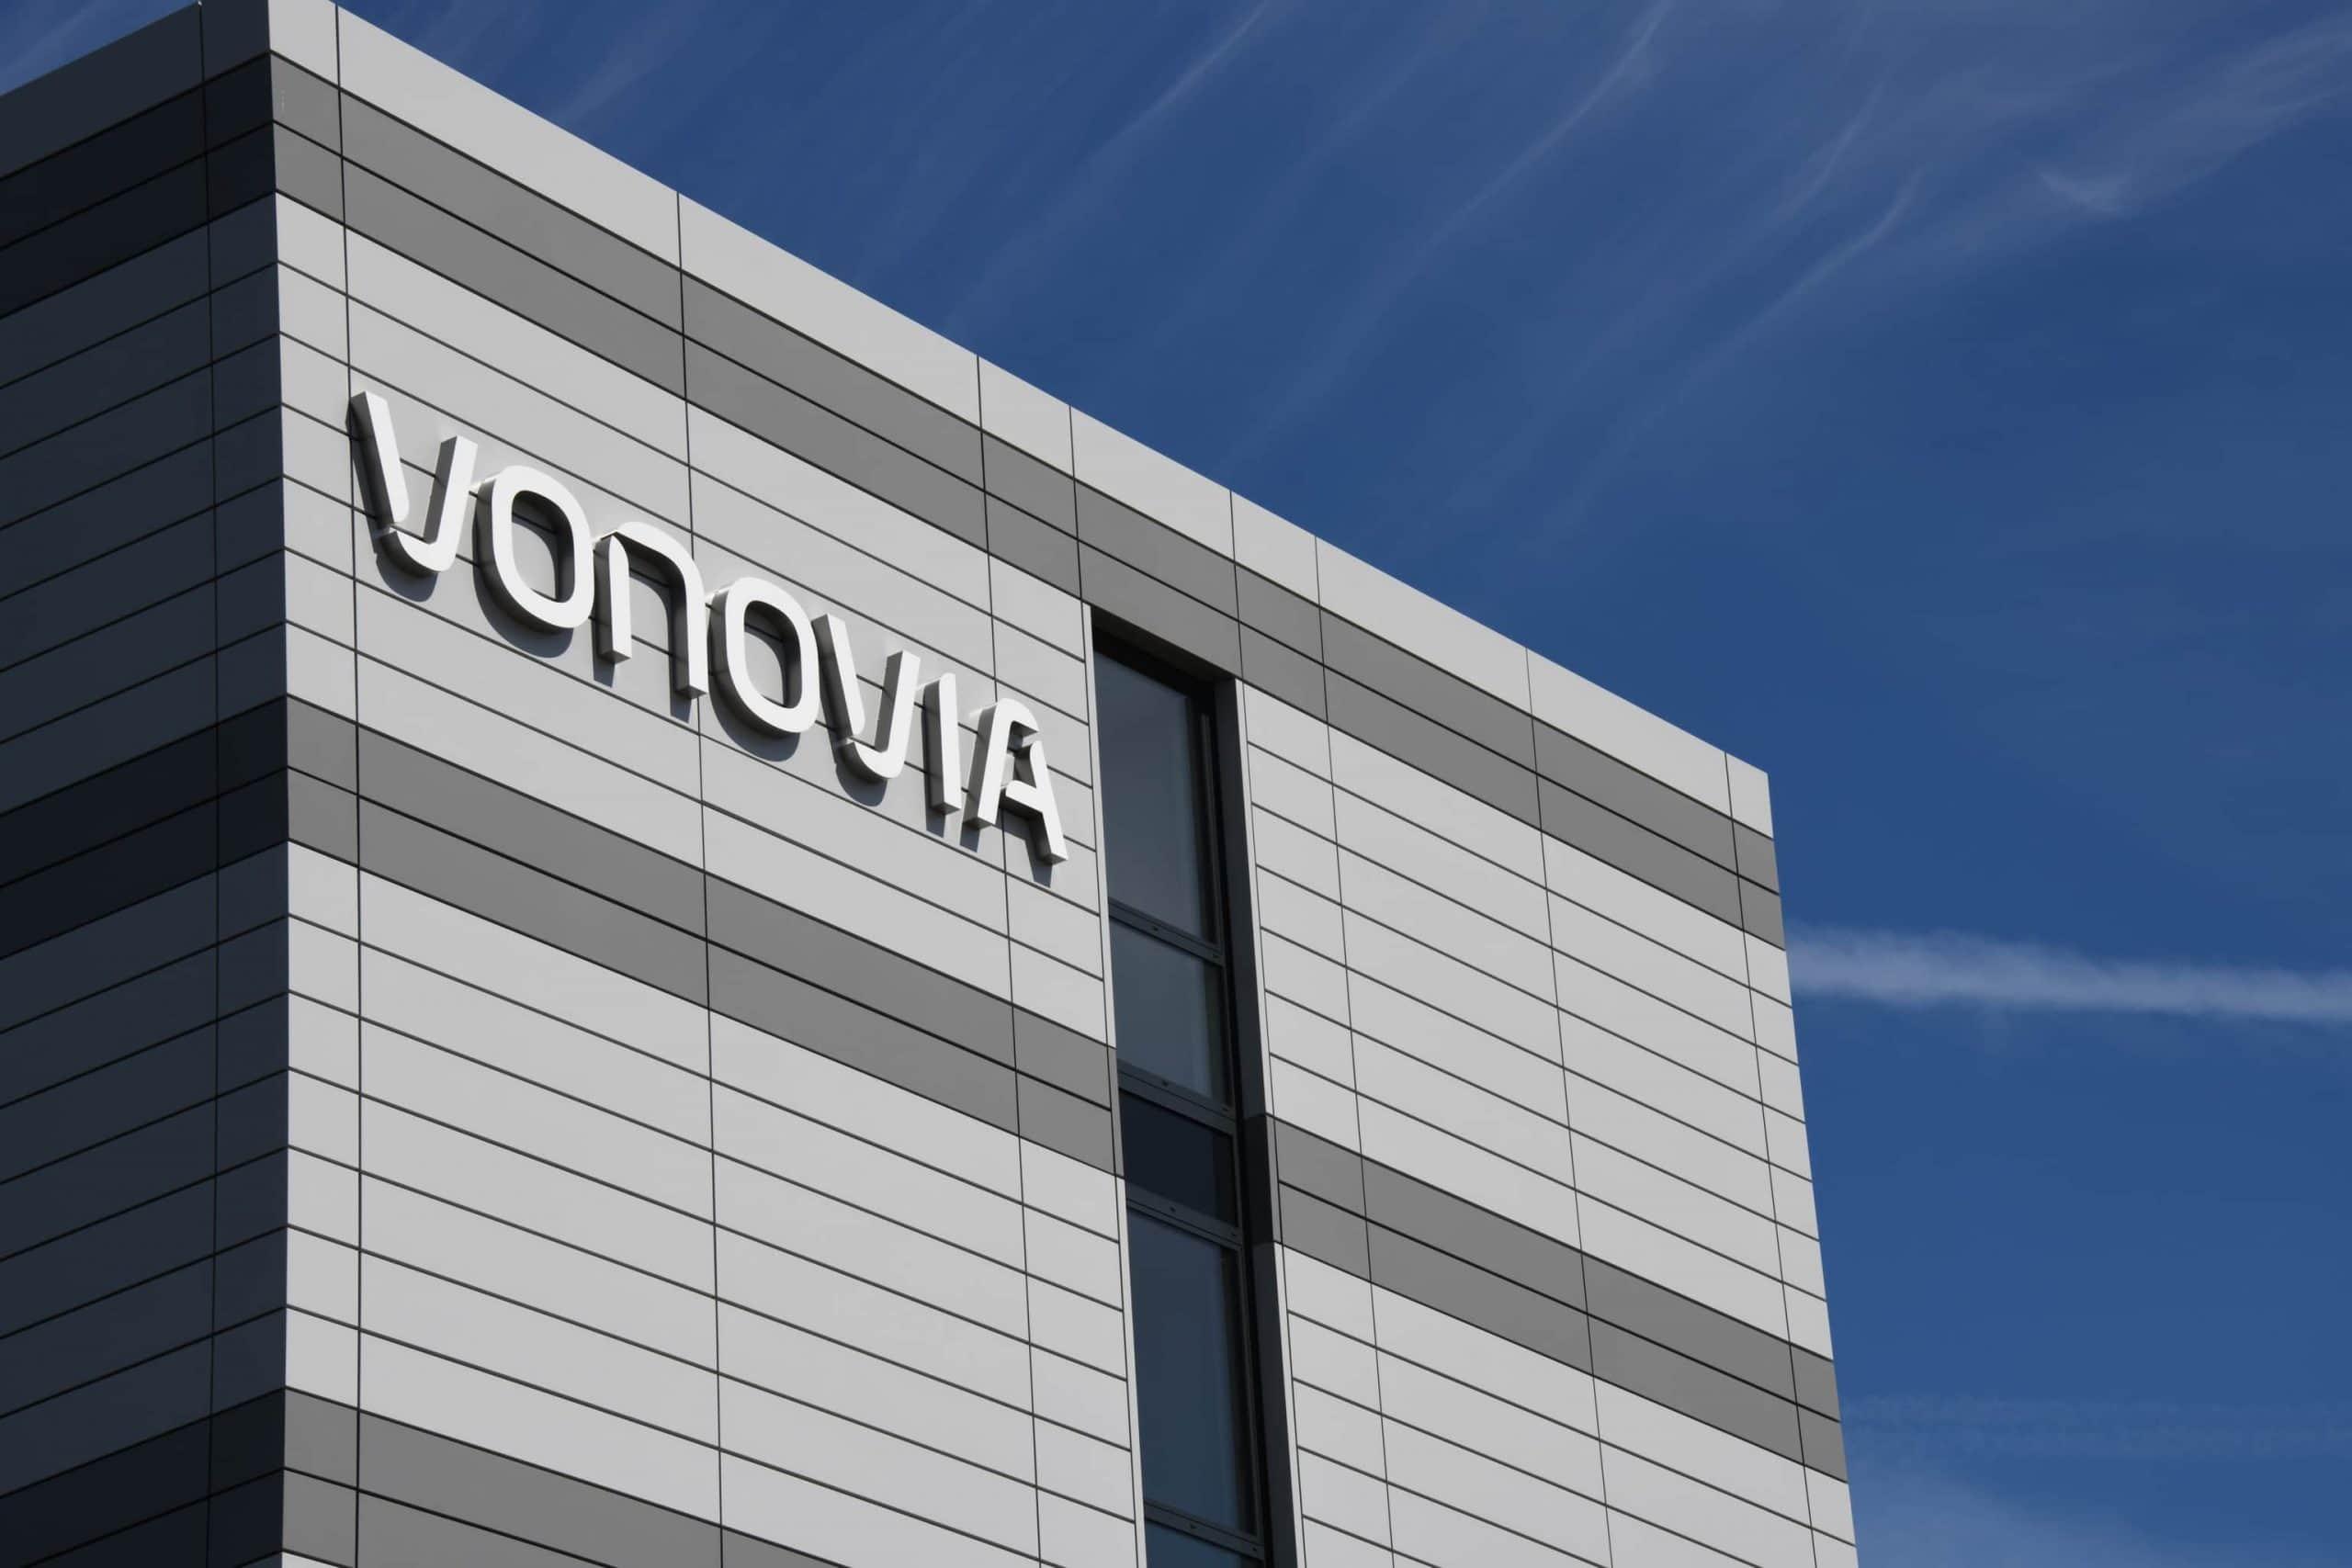 Das Vonovia Hauptquartier.